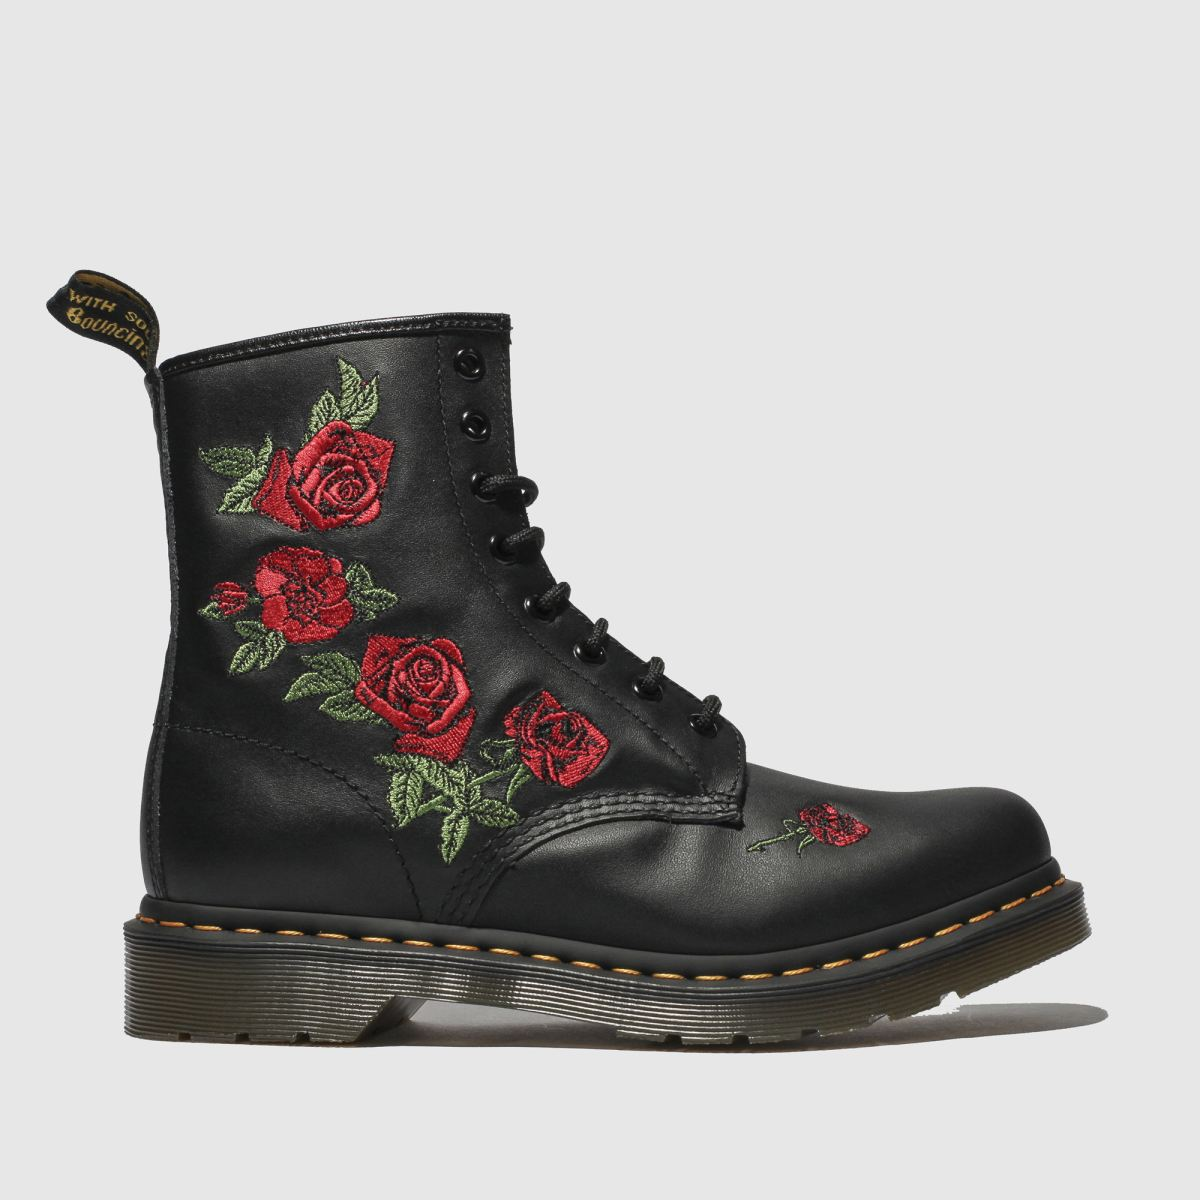 Dr Martens Black & Red 1460 Vonda Boots